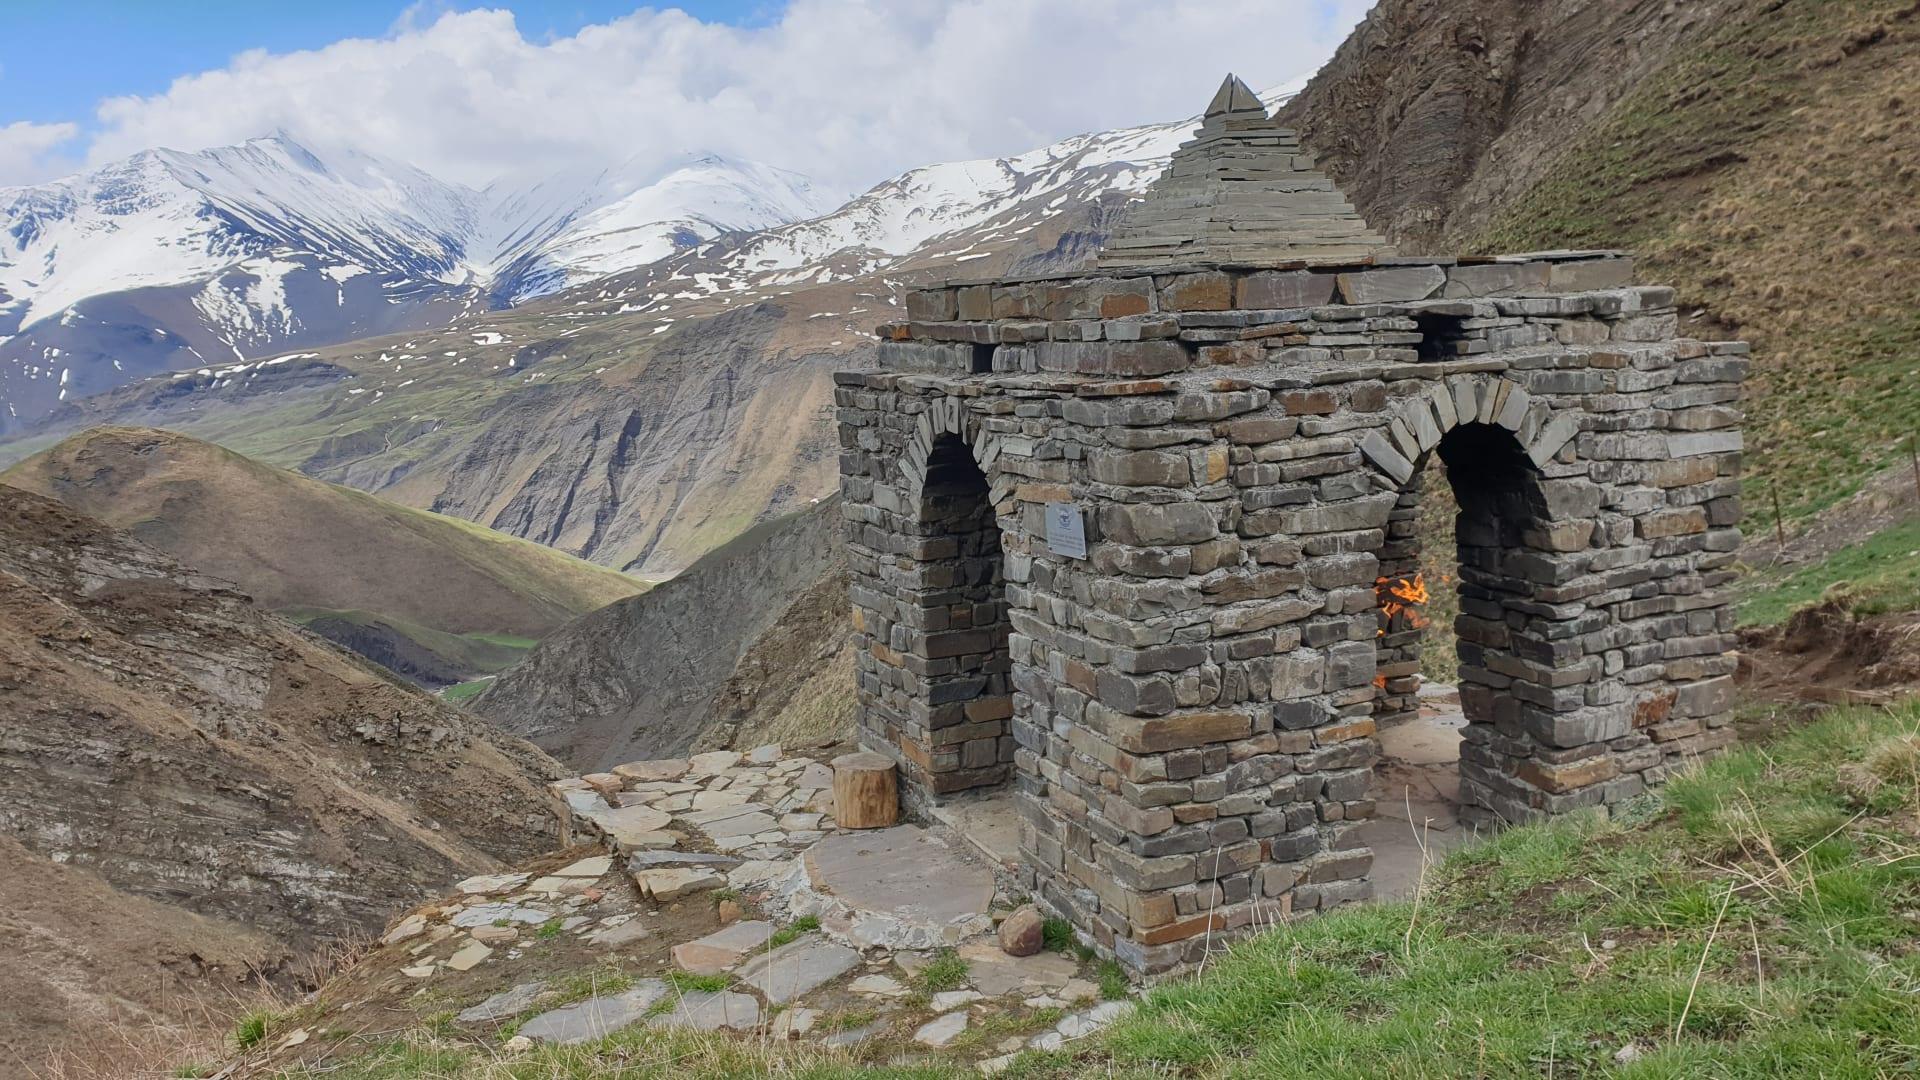 أين يقع أعلى معبد زرداشتي بالعالم لا يزال يحتفظ بشعلته الطبيعية؟